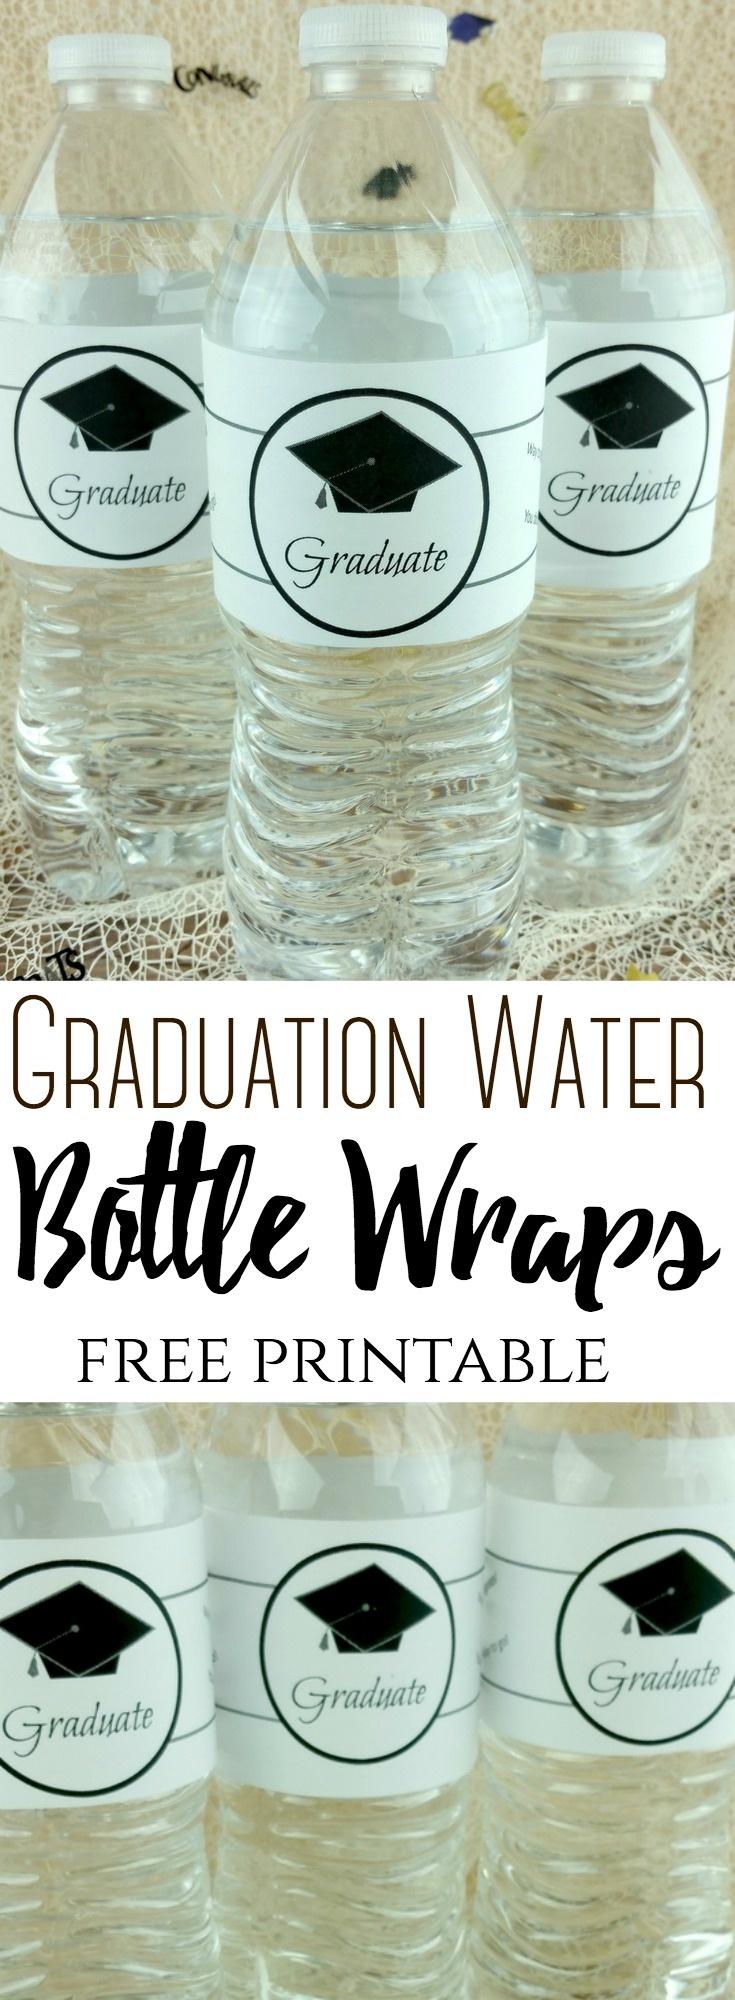 Graduation Water Bottle Wraps – The Centsable Shoppin - Free Printable Water Bottle Labels Graduation